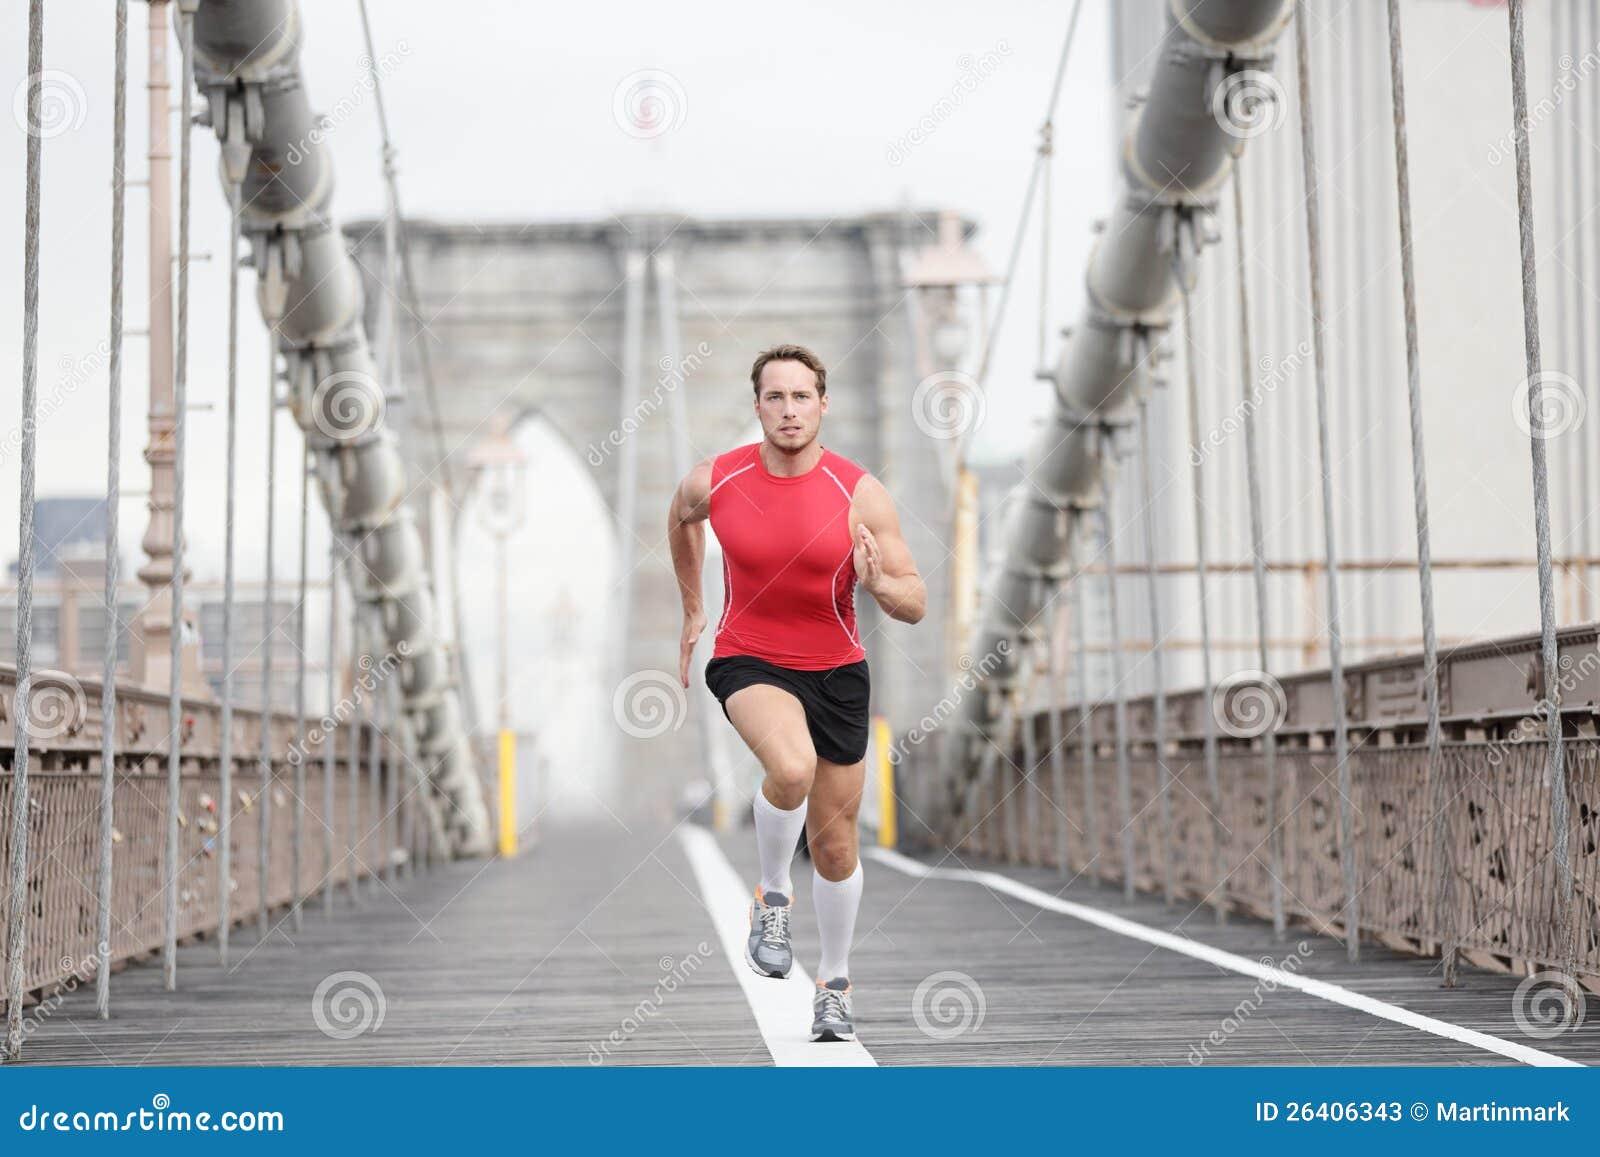 Running runner man